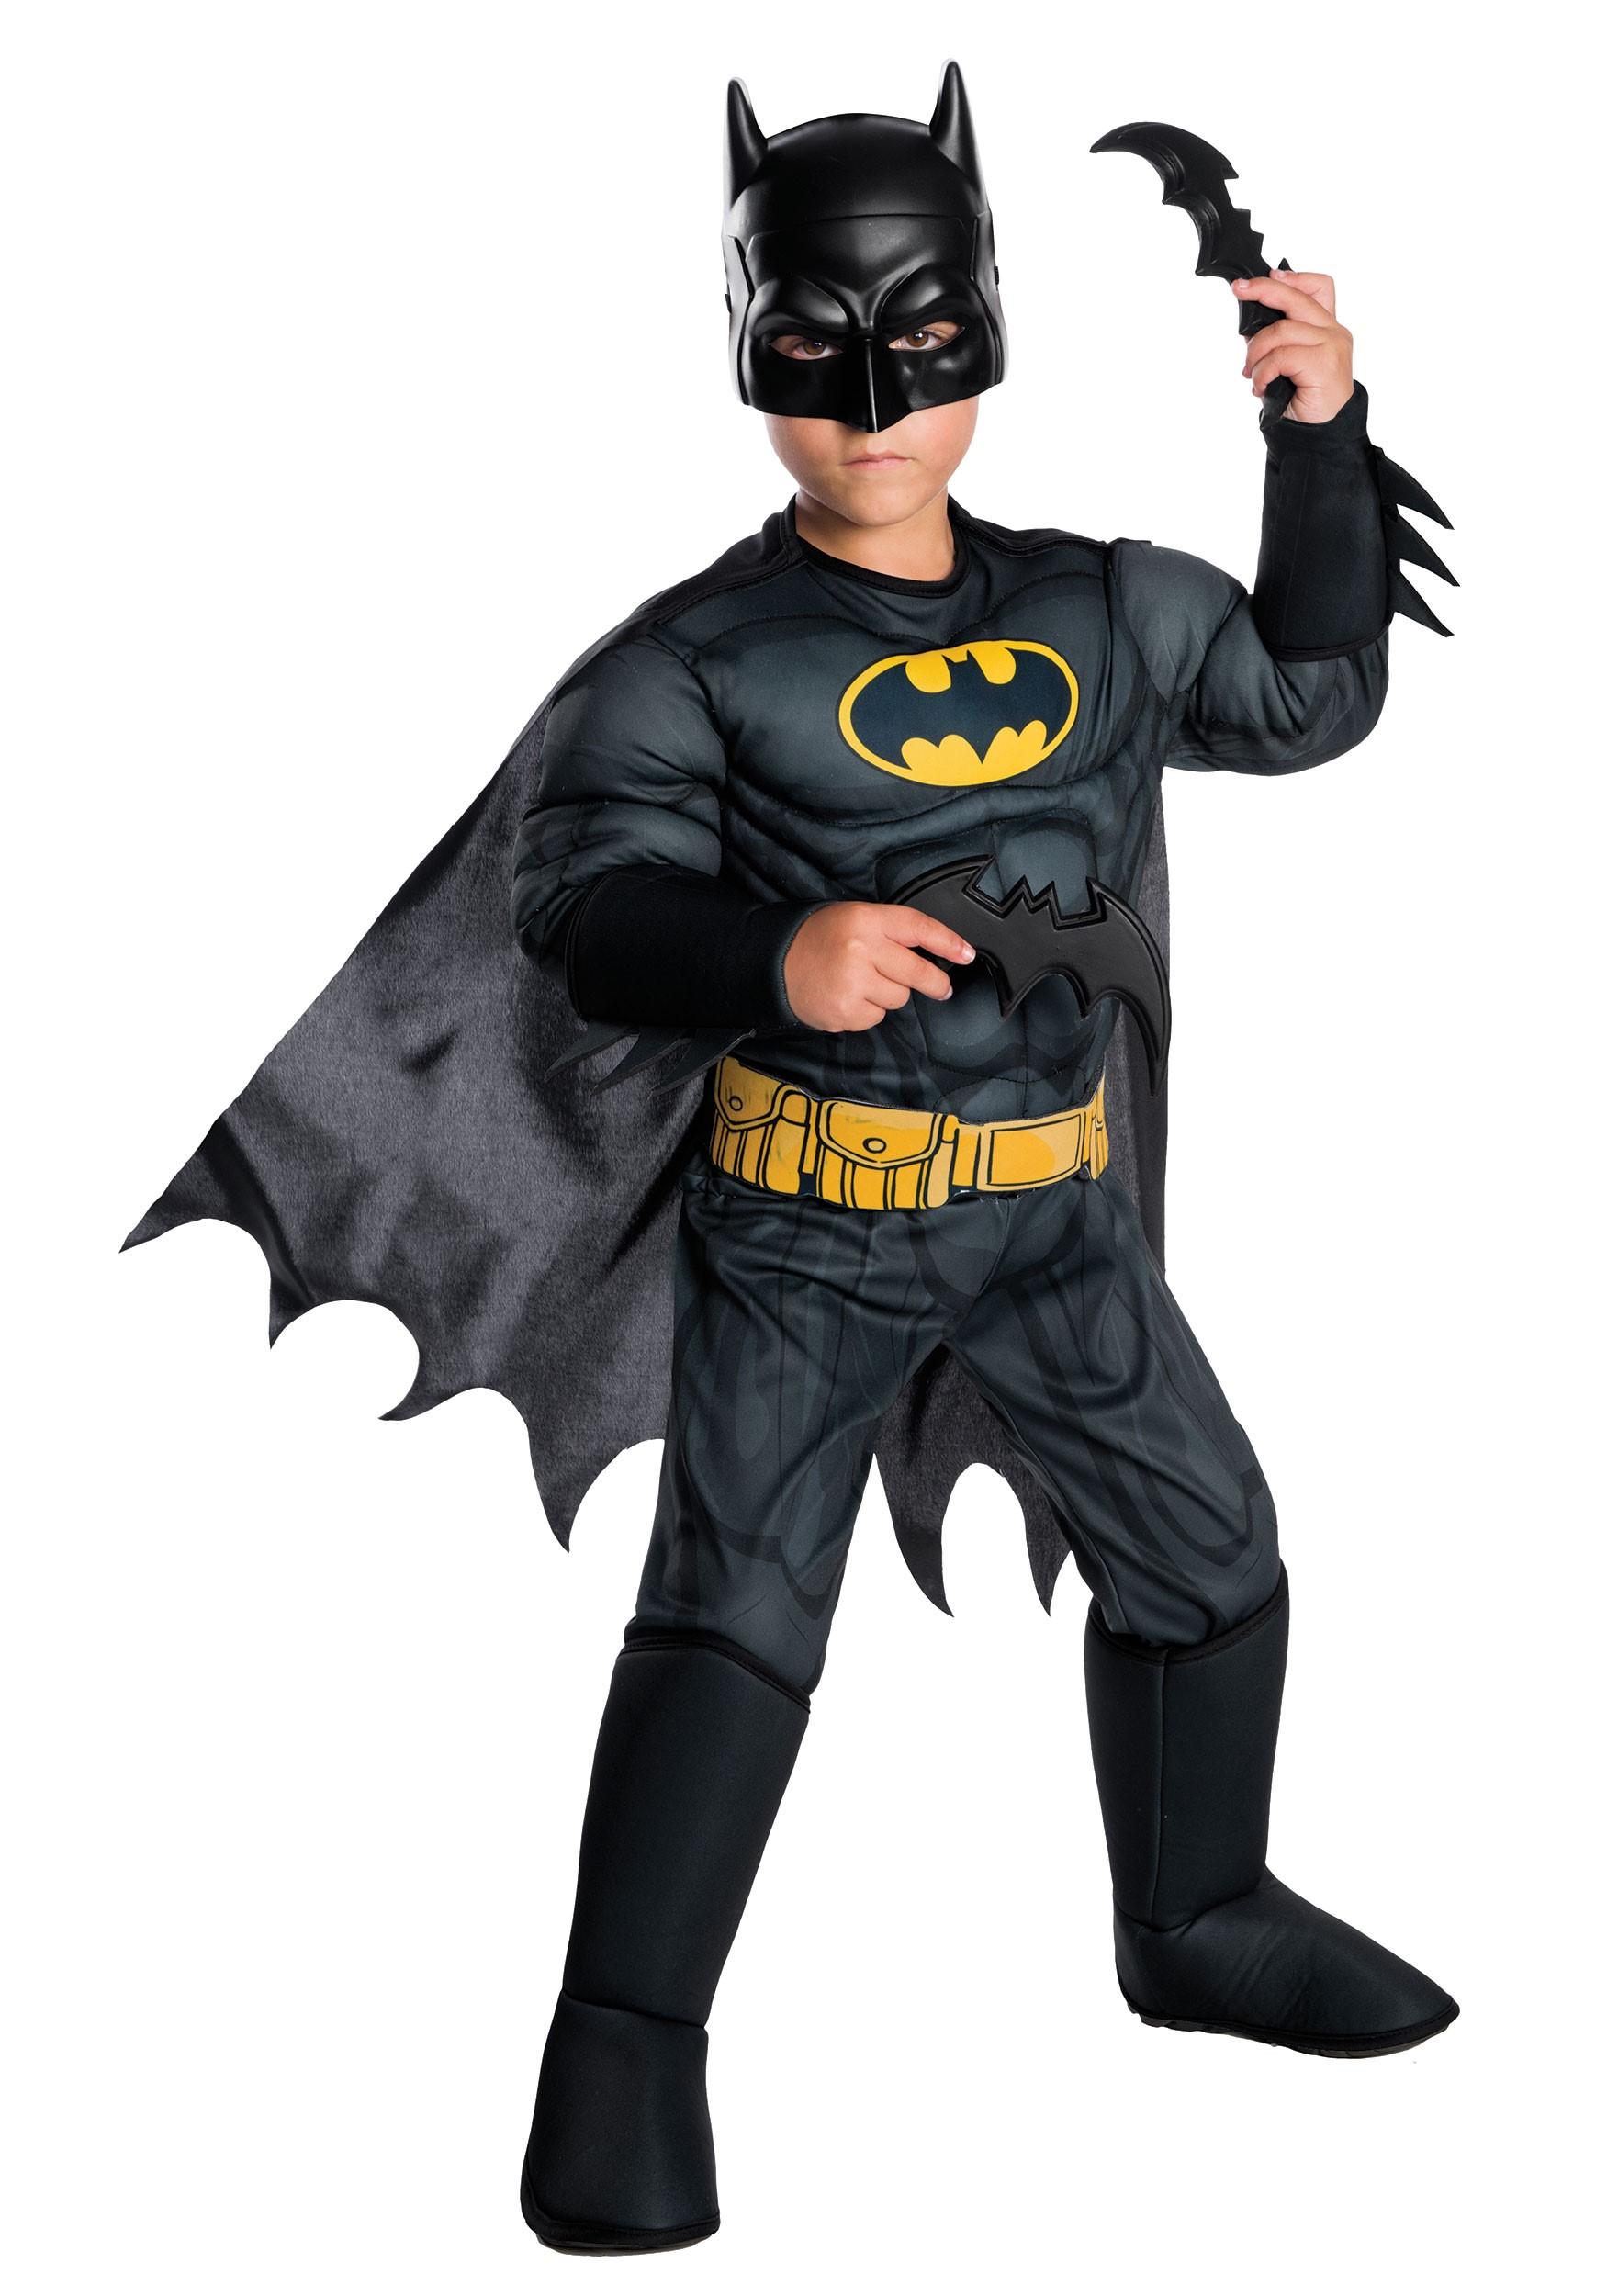 DC Comics Deluxe Kids Batman Costume